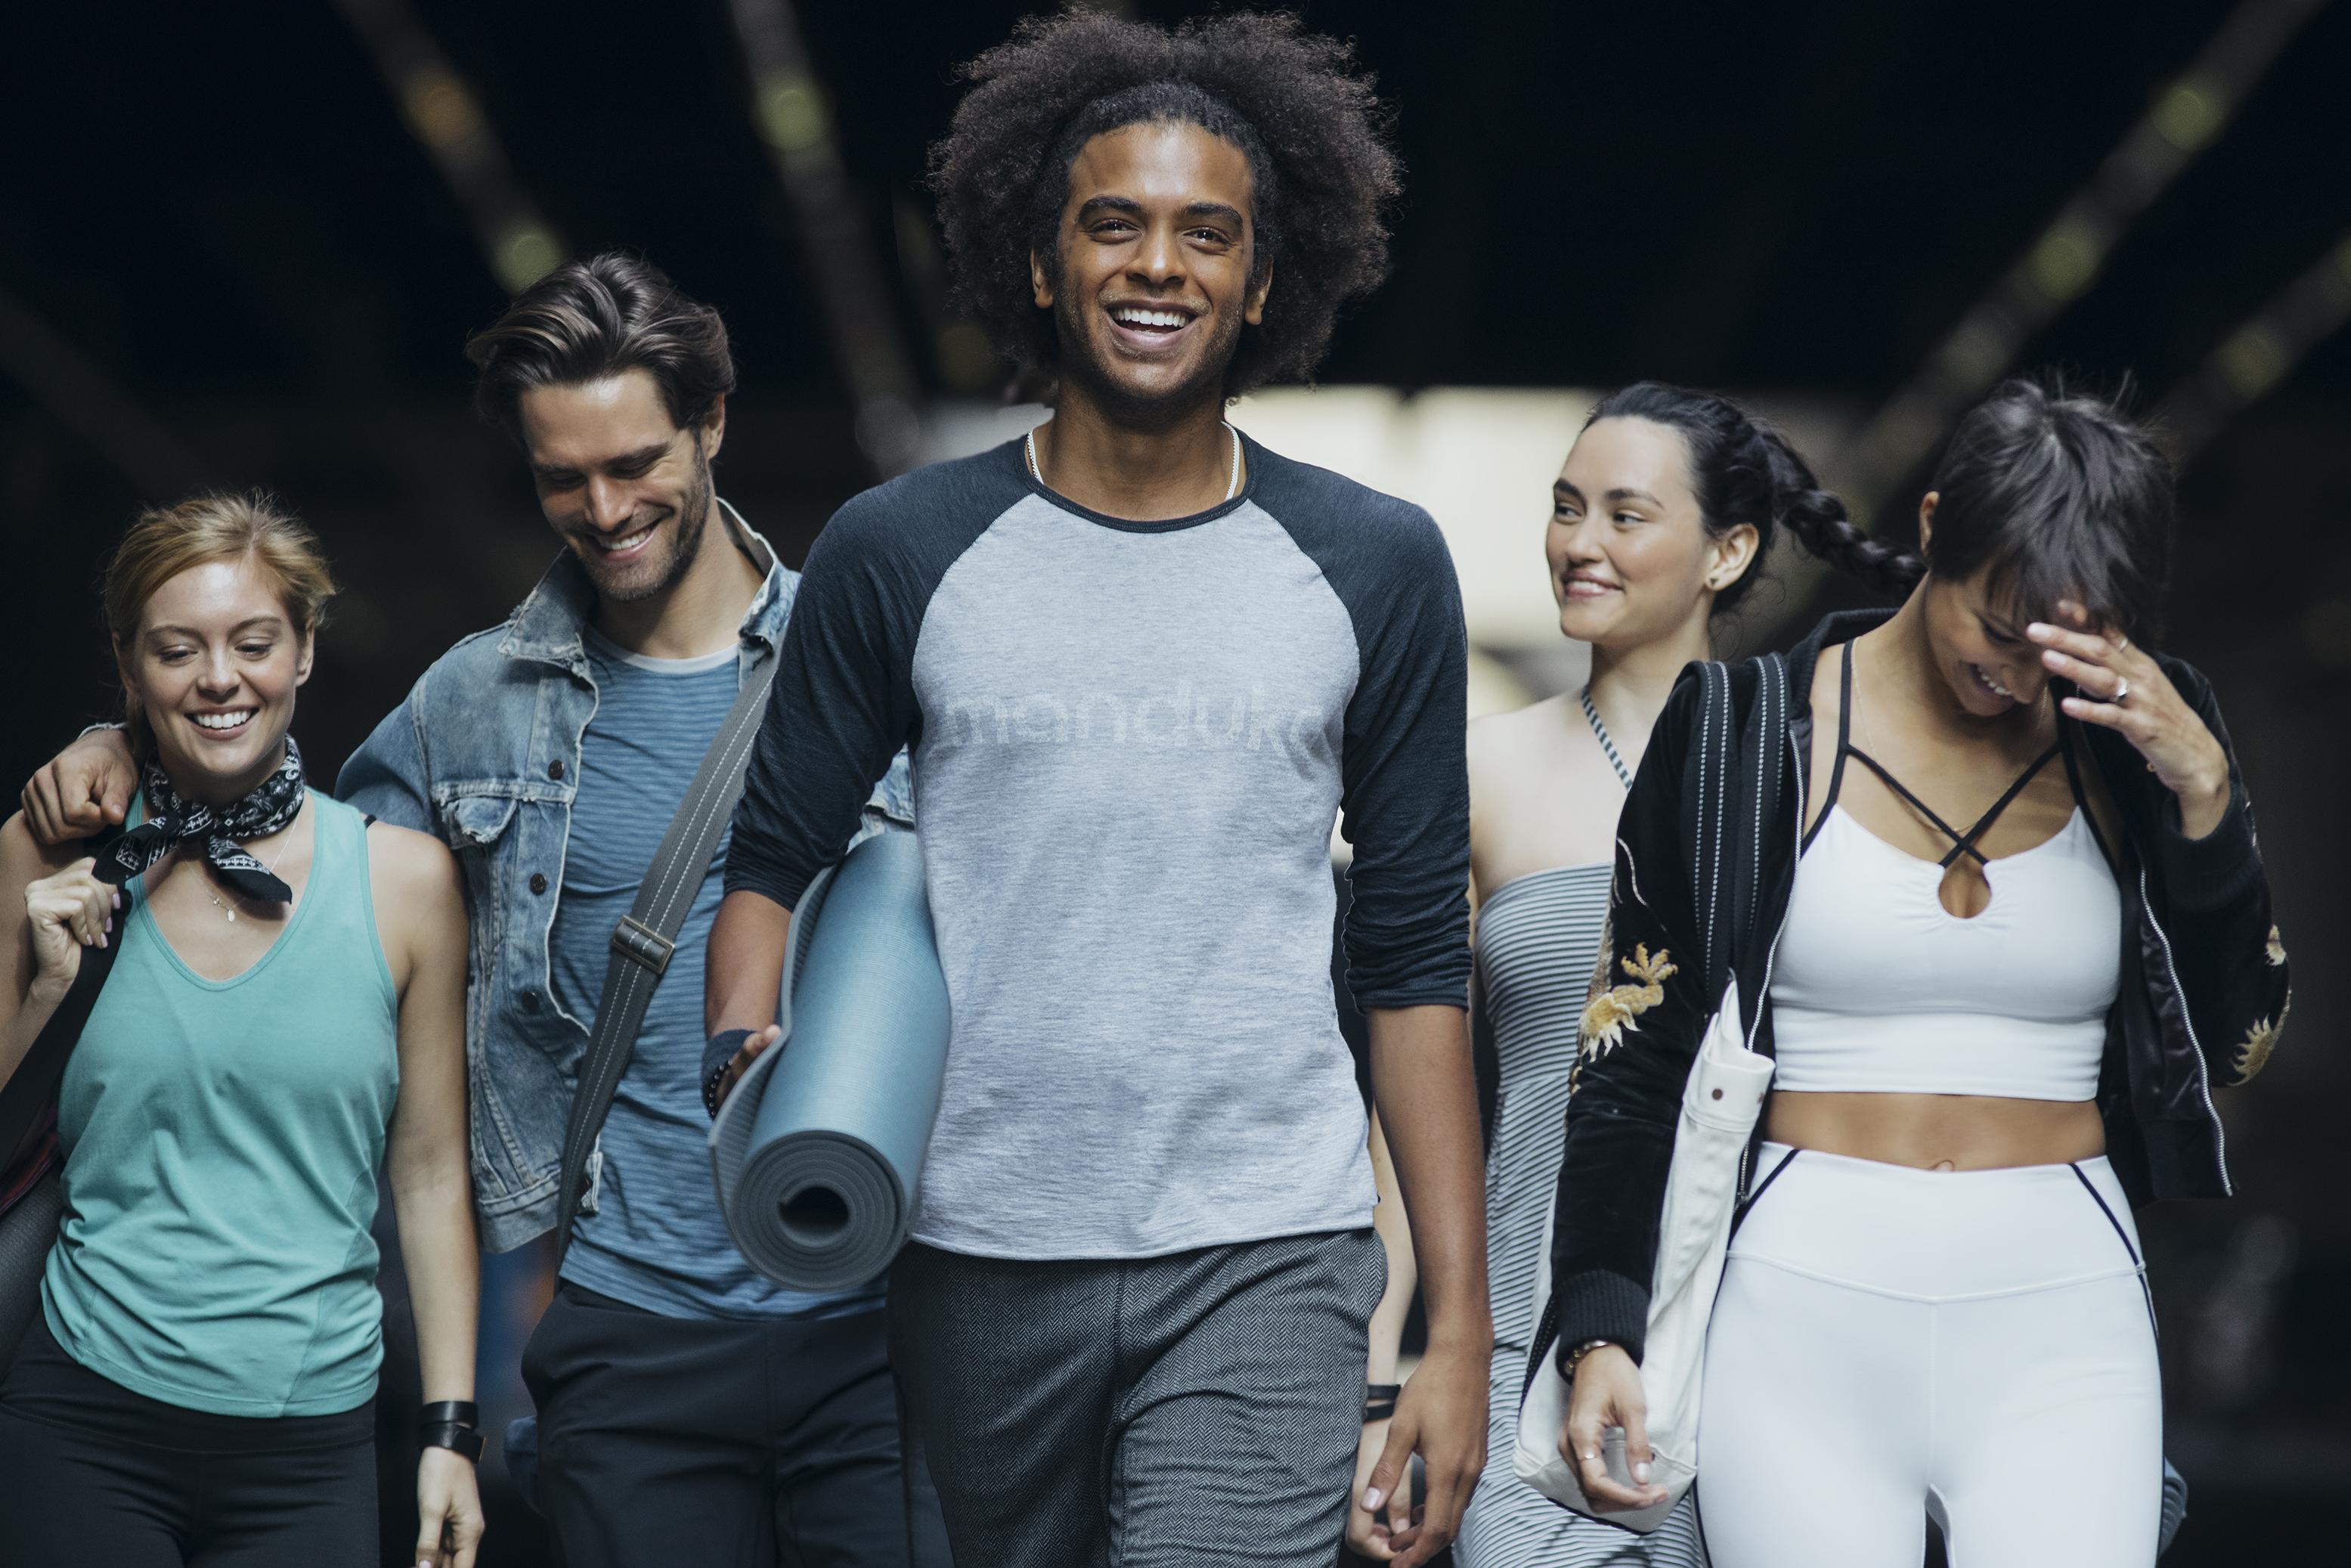 Fitness og fashion smelter sammen når GOYOGI åbner i København til april 4ef7733b41c47